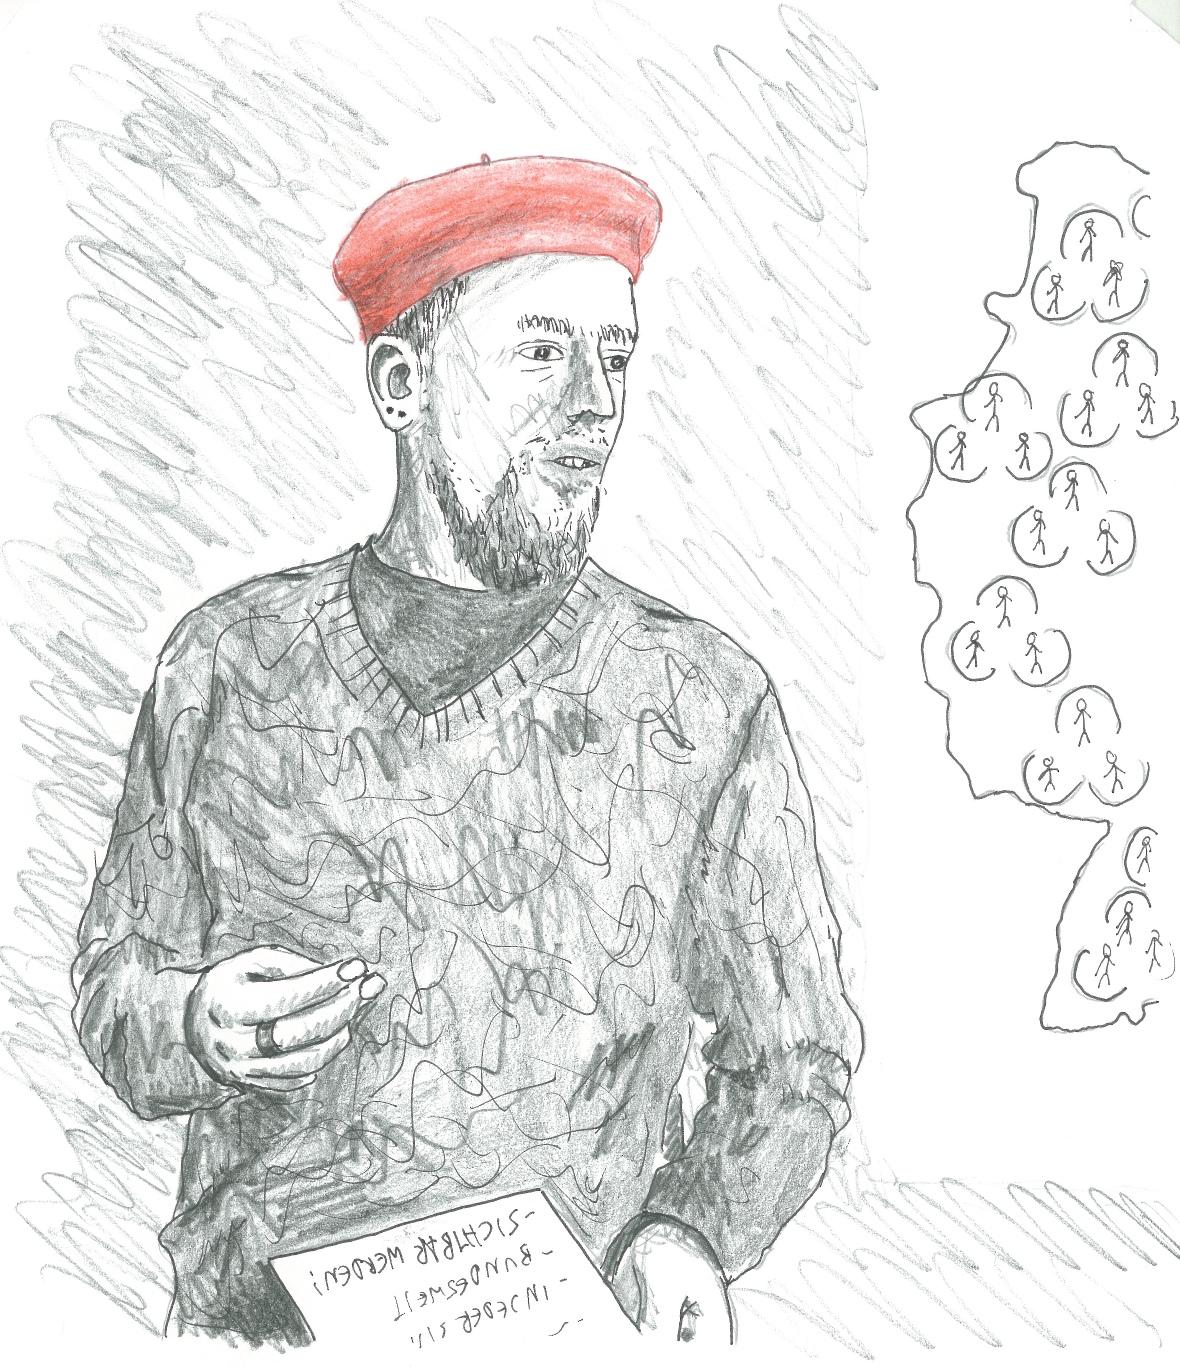 Selbstporträt Julian Kurzidim, Zeichnung, Mann mit roter Mütze